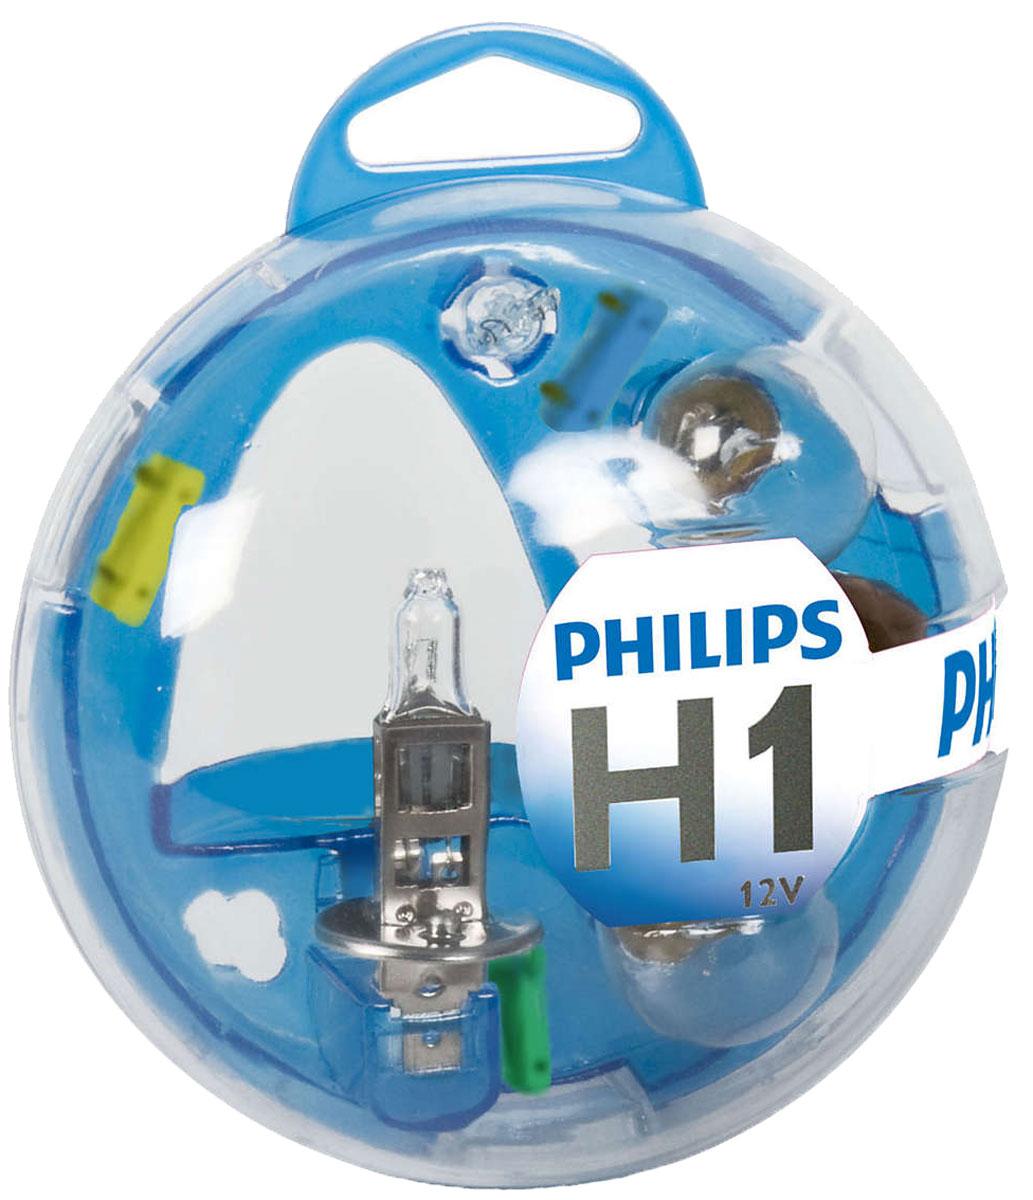 Комплект ламп Philips H1 Vision: H1, P21W, P21/5W, PY21W, W5W, Fuse10A, Fuse 15A, Fuse 20A. 55717EBKM55717EBKMВ комплект Essential Box входят лампы H1 для автомобильных фар, обеспечивающие на 30 % больше света. Наши лампы излучают мощный точно направленный луч света и характеризуются высокой светоотдачей, увеличивая видимость Вашего автомобиля на дороге.